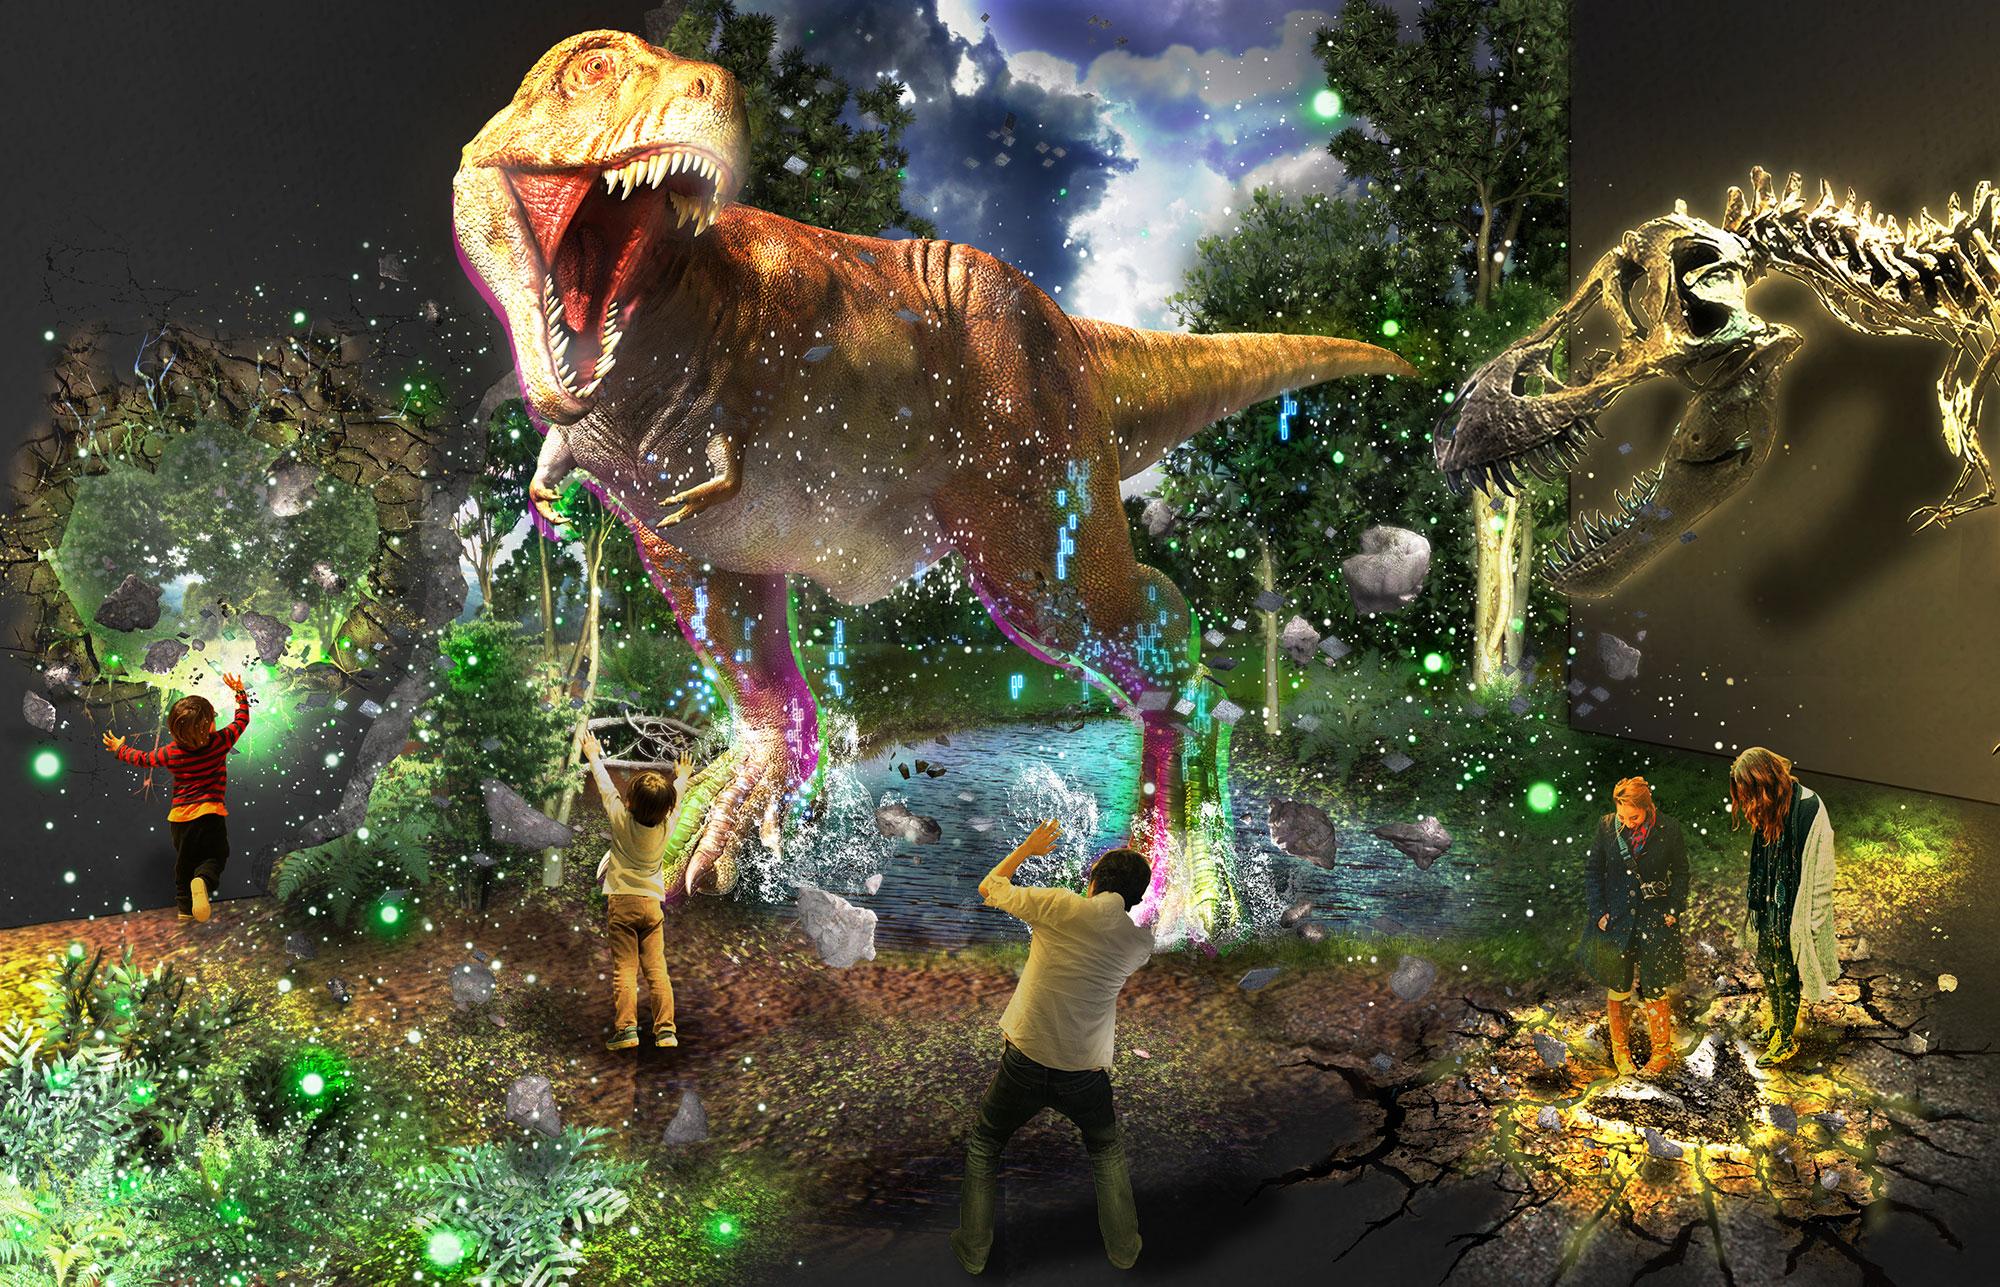 マンダイプレゼンツ ティラノサウルス展 ~T.rex驚異の肉食恐竜~